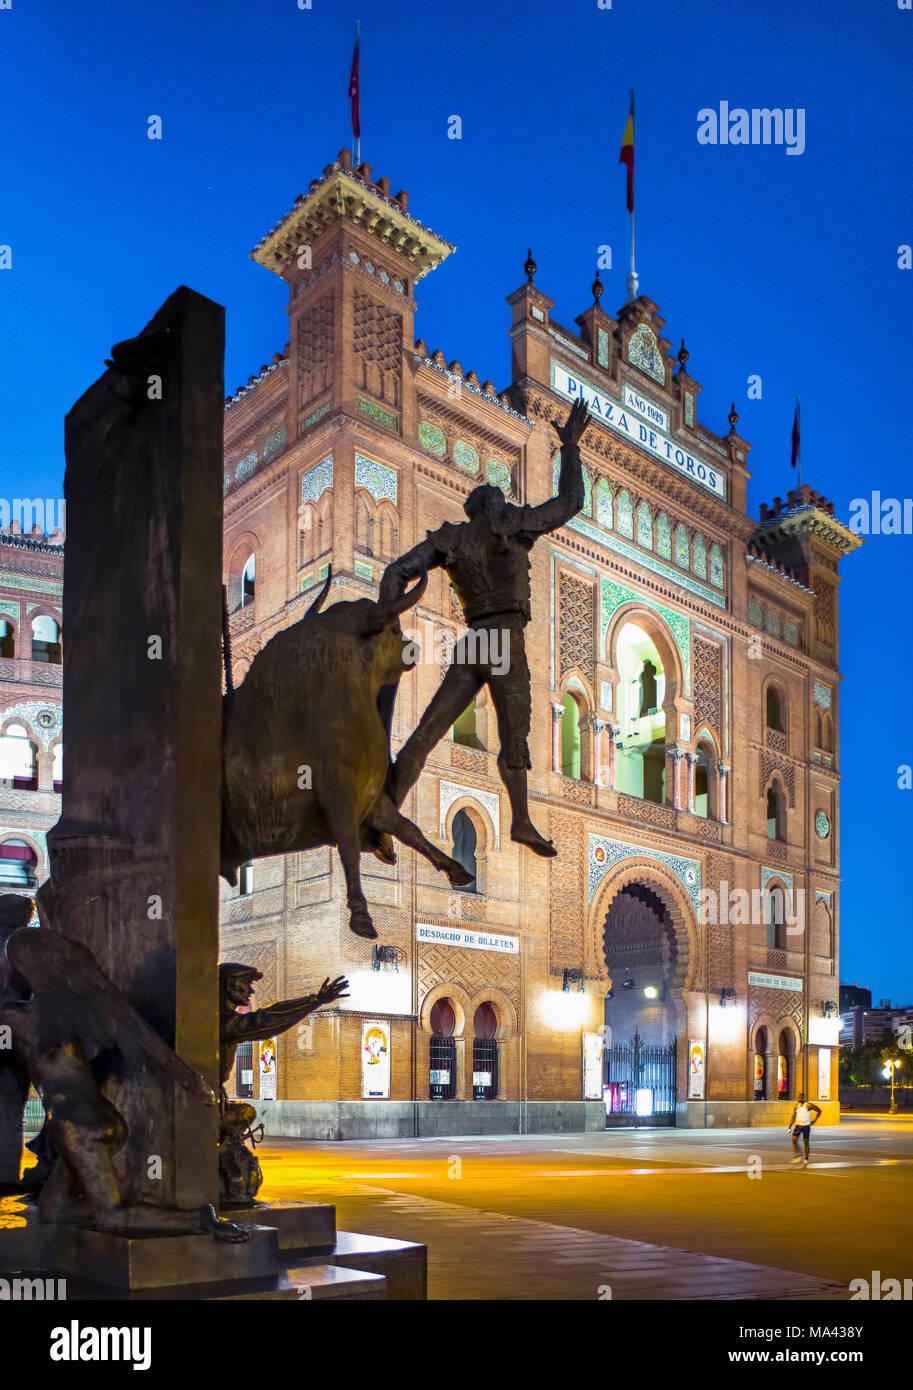 A bronze sculpture in front of the Plaza de Toros de Las Ventas bullfighting arena in Madrid, Spain - Stock Image